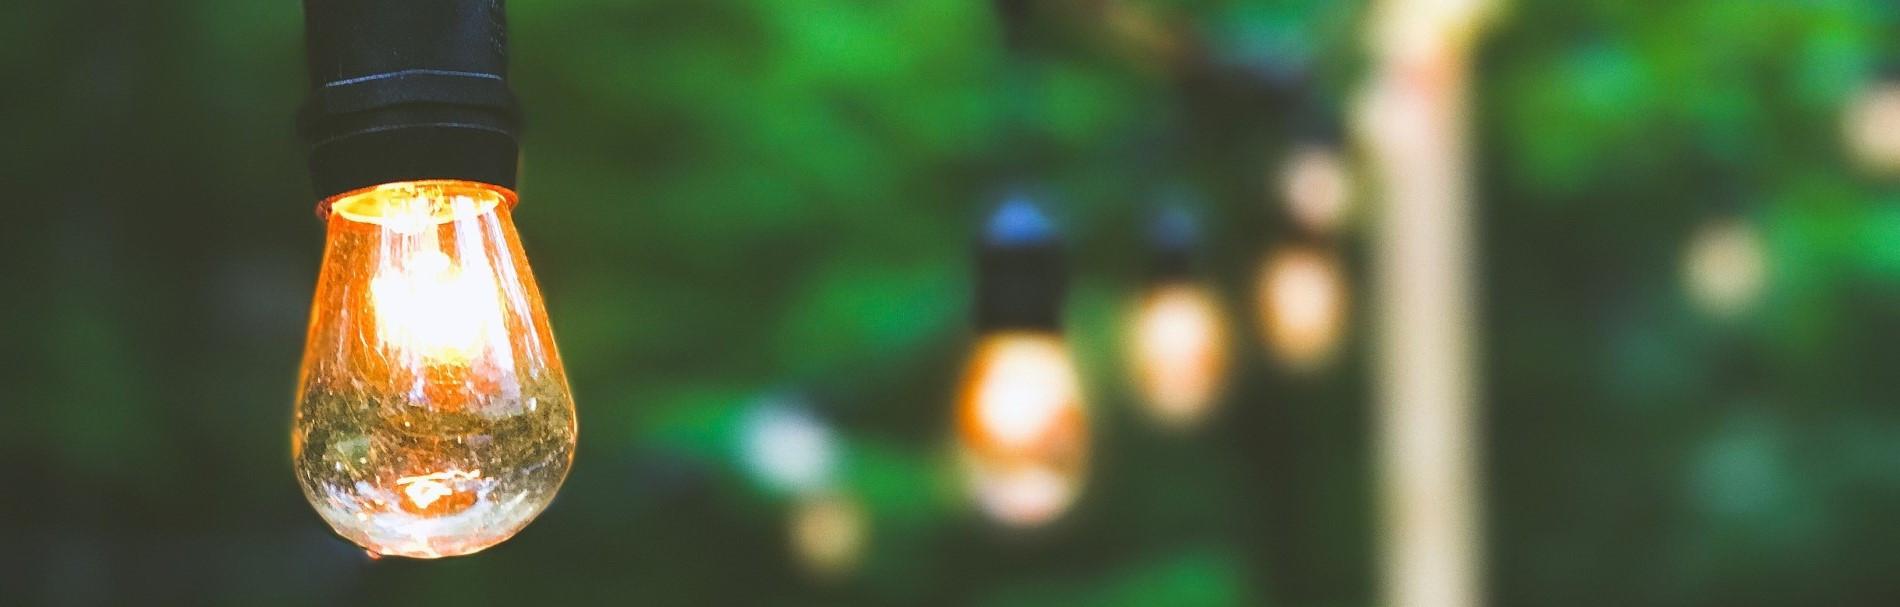 Lichterkette vor grüner Kulisse